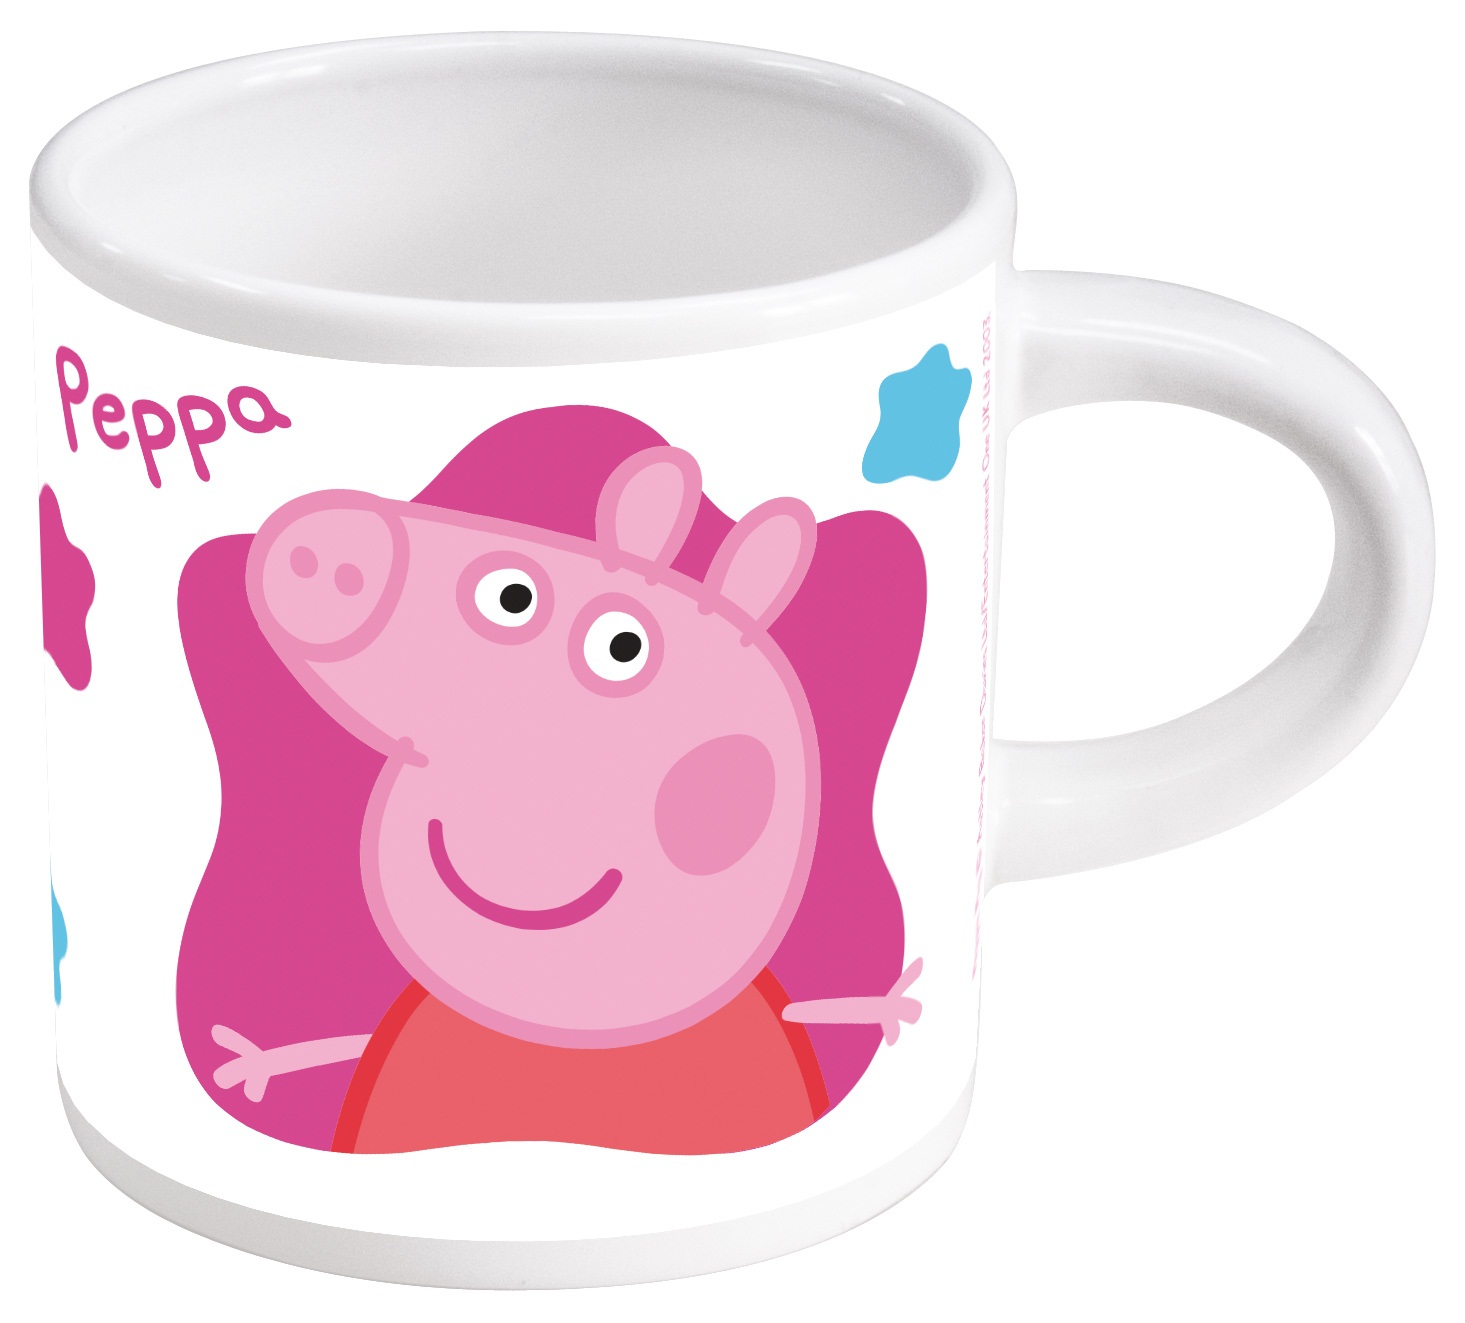 Кружка Свинка Пеппа (220 мл)Кружка Свинка Пеппа создана по мотивам британского мультсериала, рассказывающего о симпатичной маленькой свинке, которая живет вместе со своими Мамой Свинкой, Папой Свином и маленьким братиком Джорджем.<br>